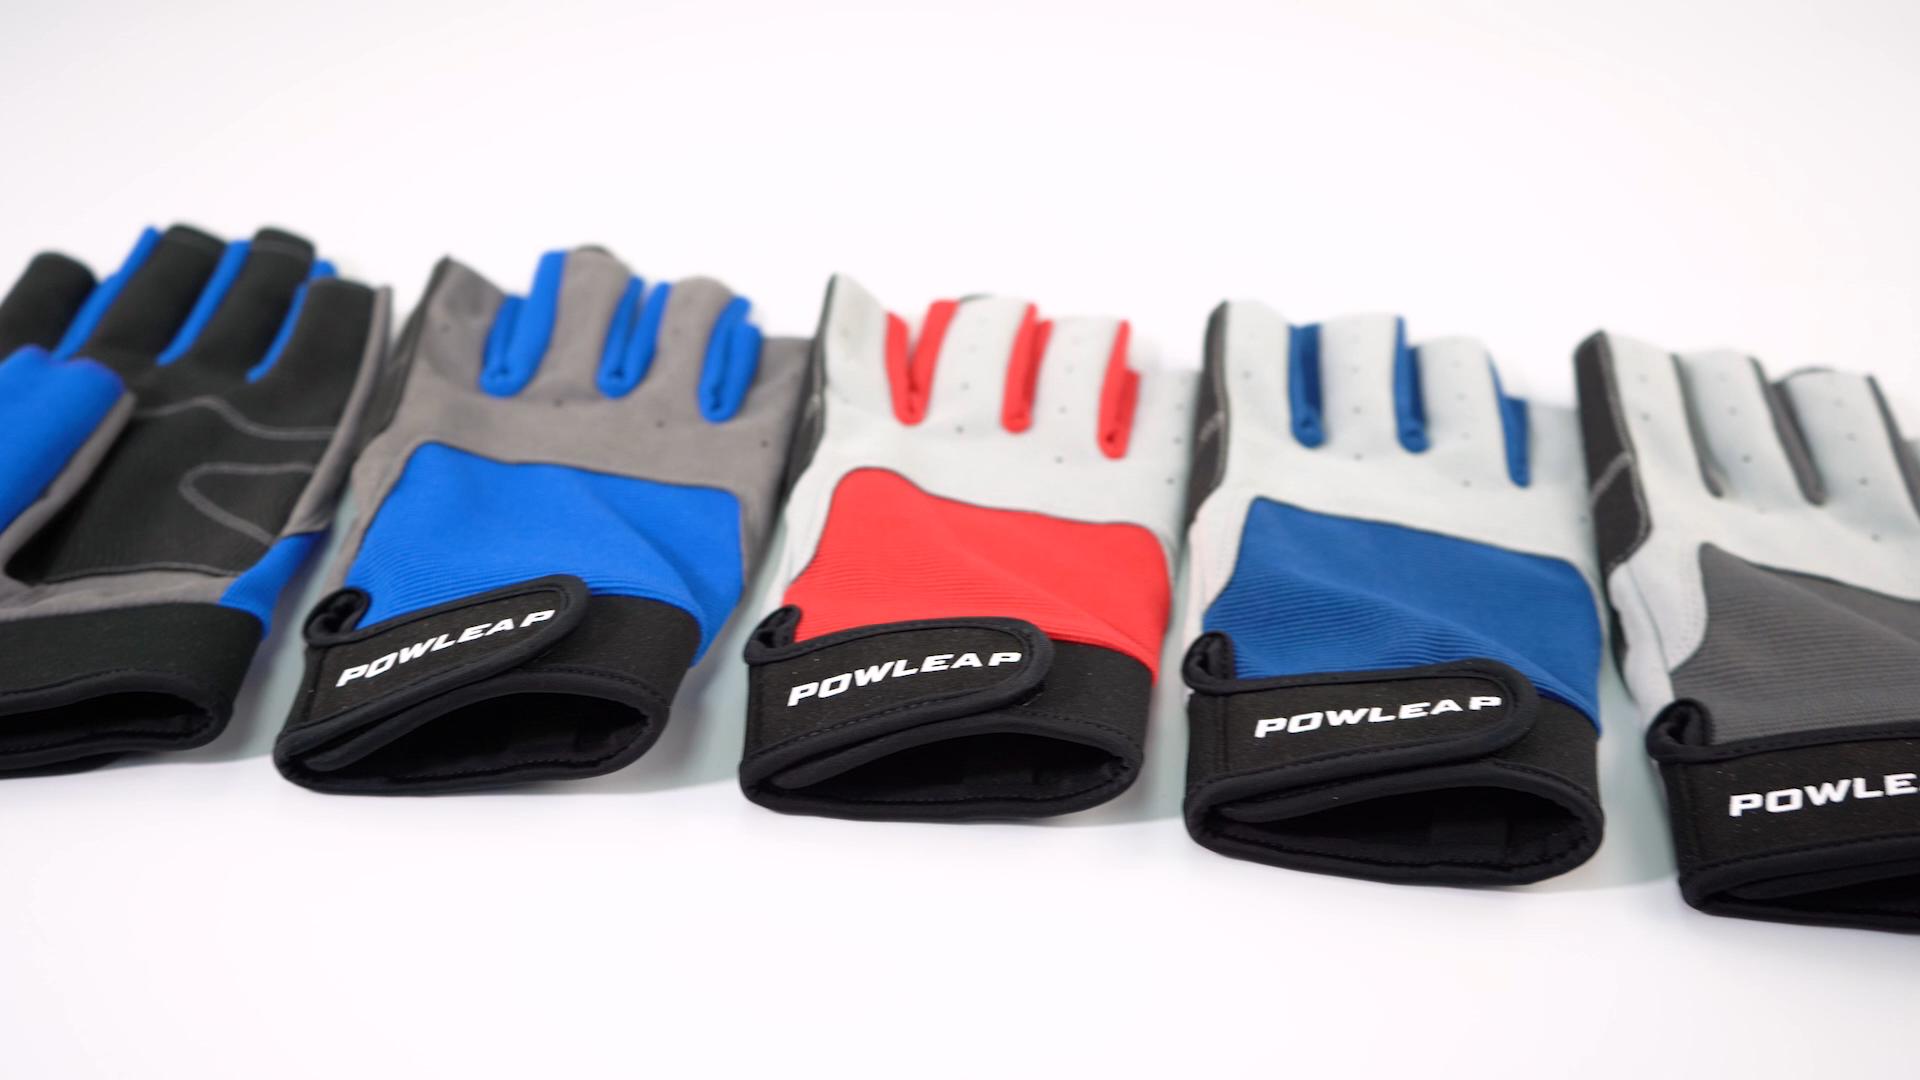 Nuovo stile personalizzato breve dito kayak vela acqua sport guanti per le donne degli uomini